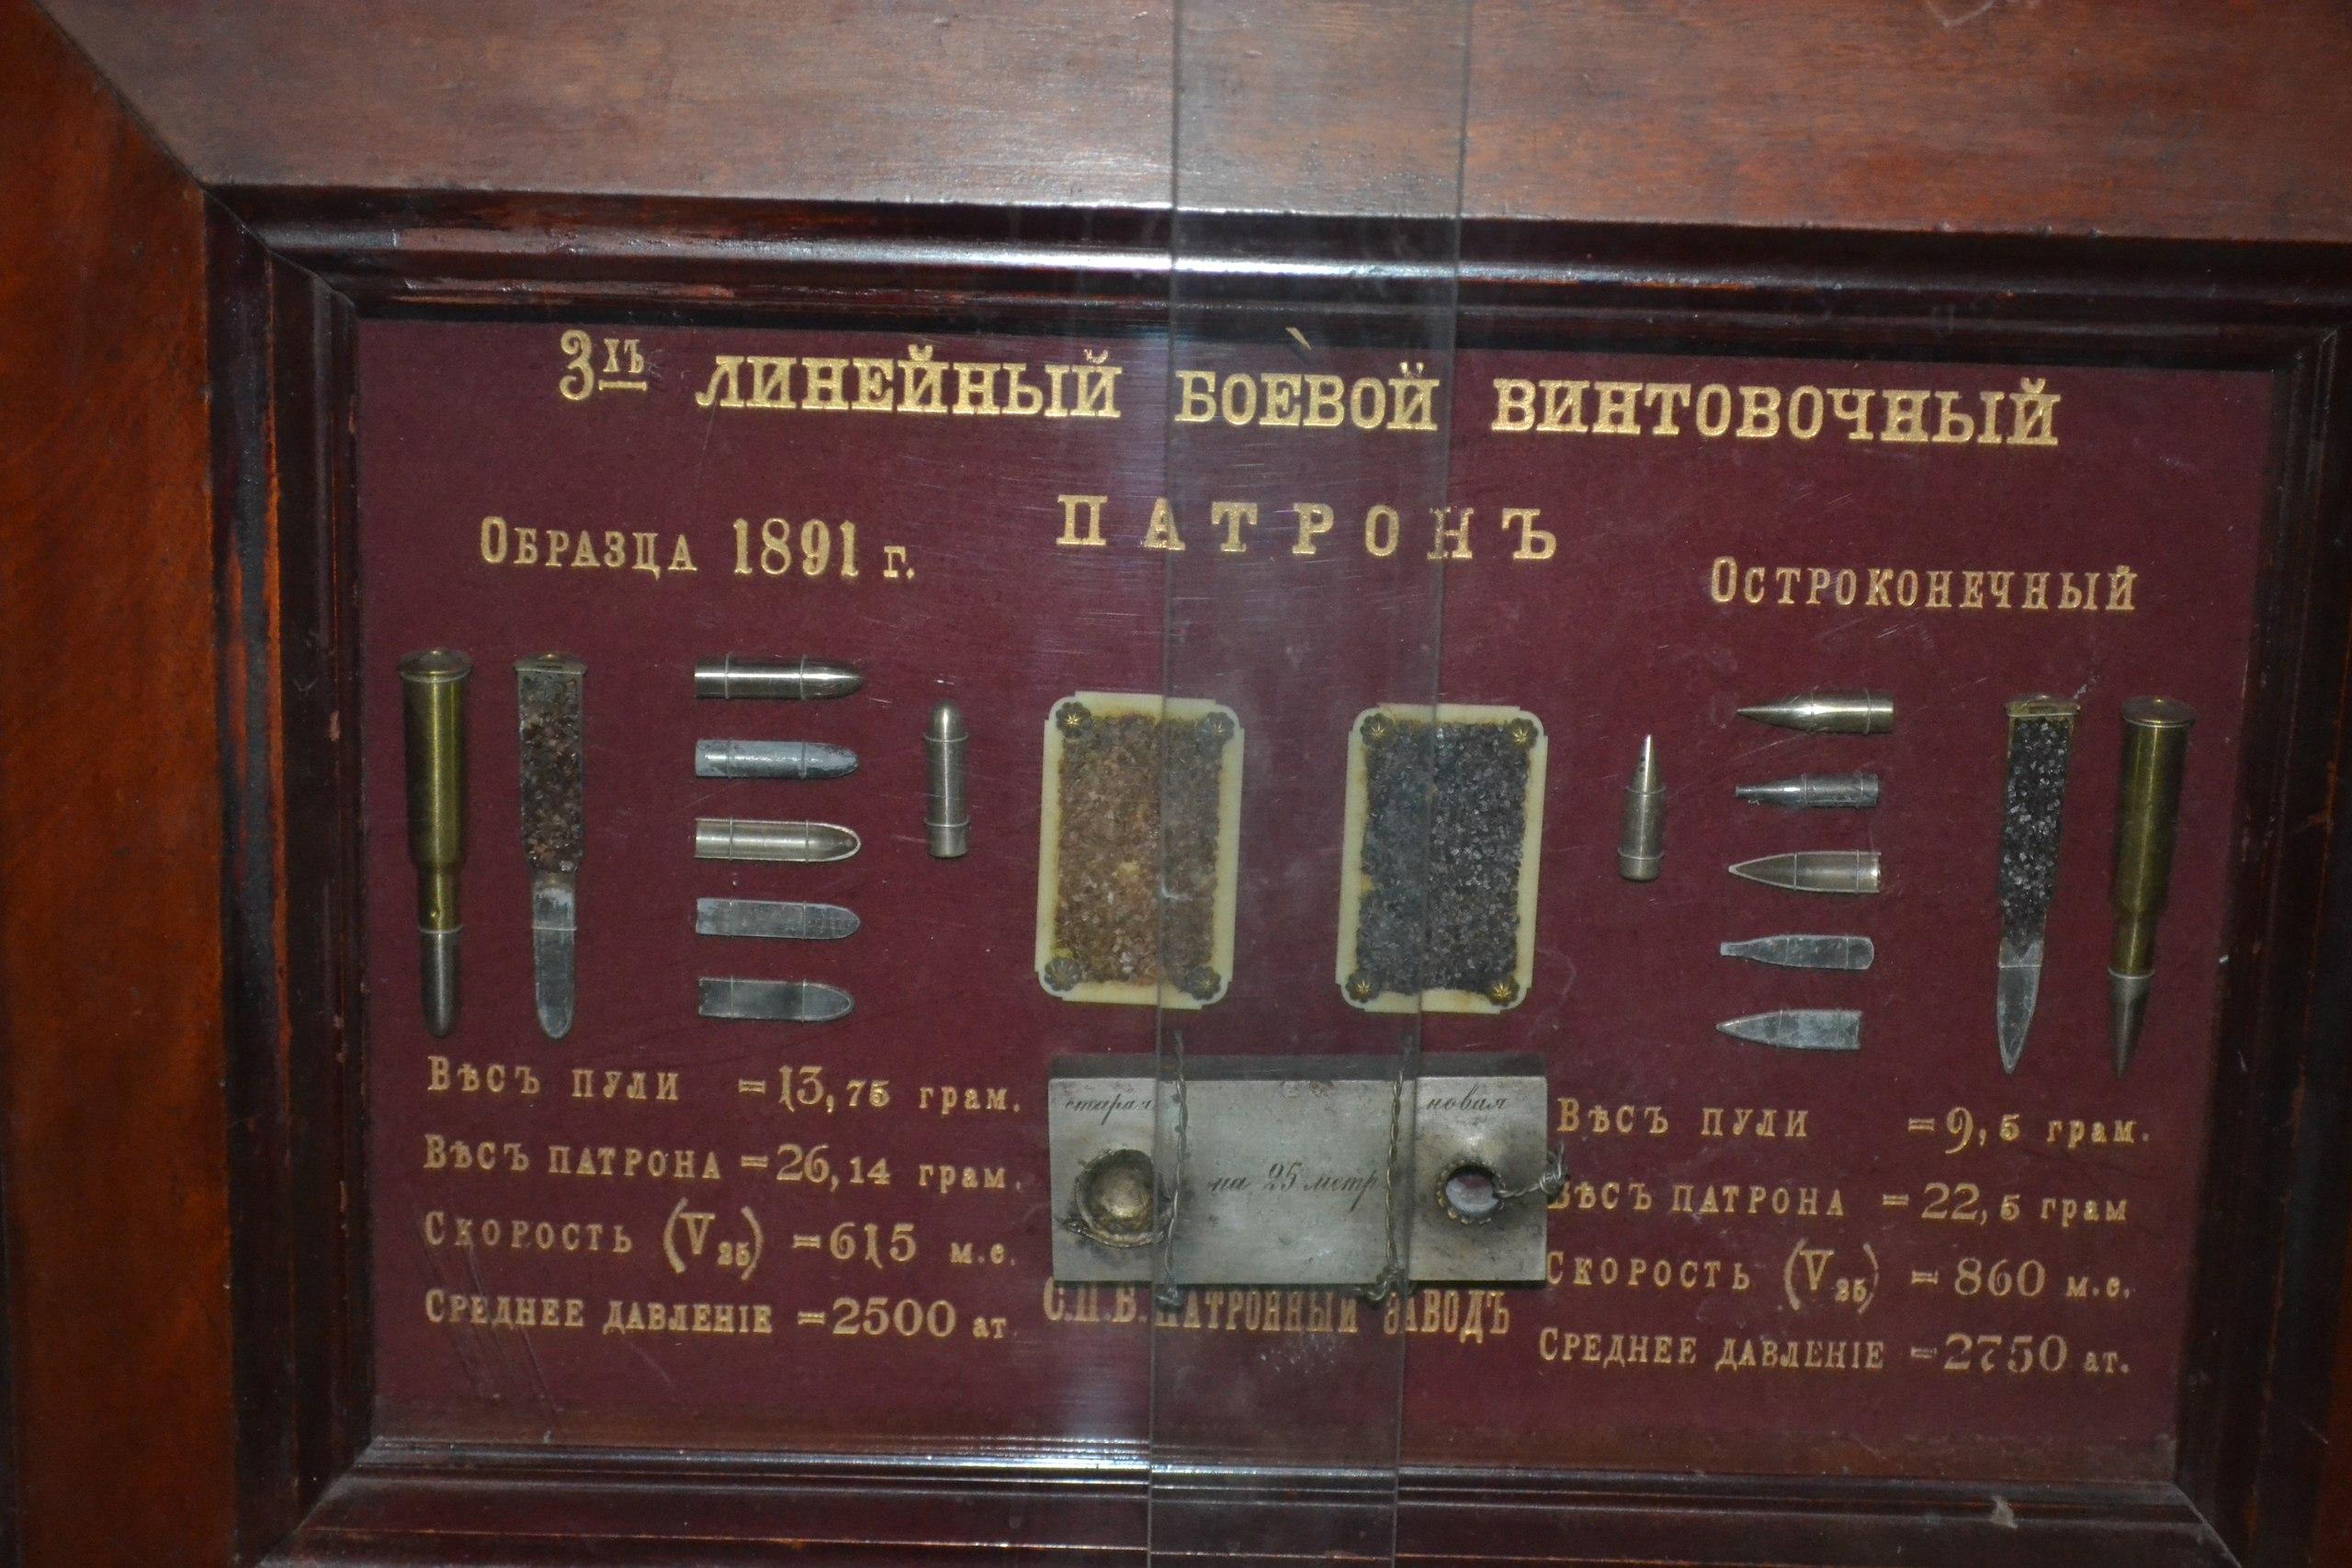 6eaaba71b4c2 Документальное подтверждение легендарной надежности советского ...